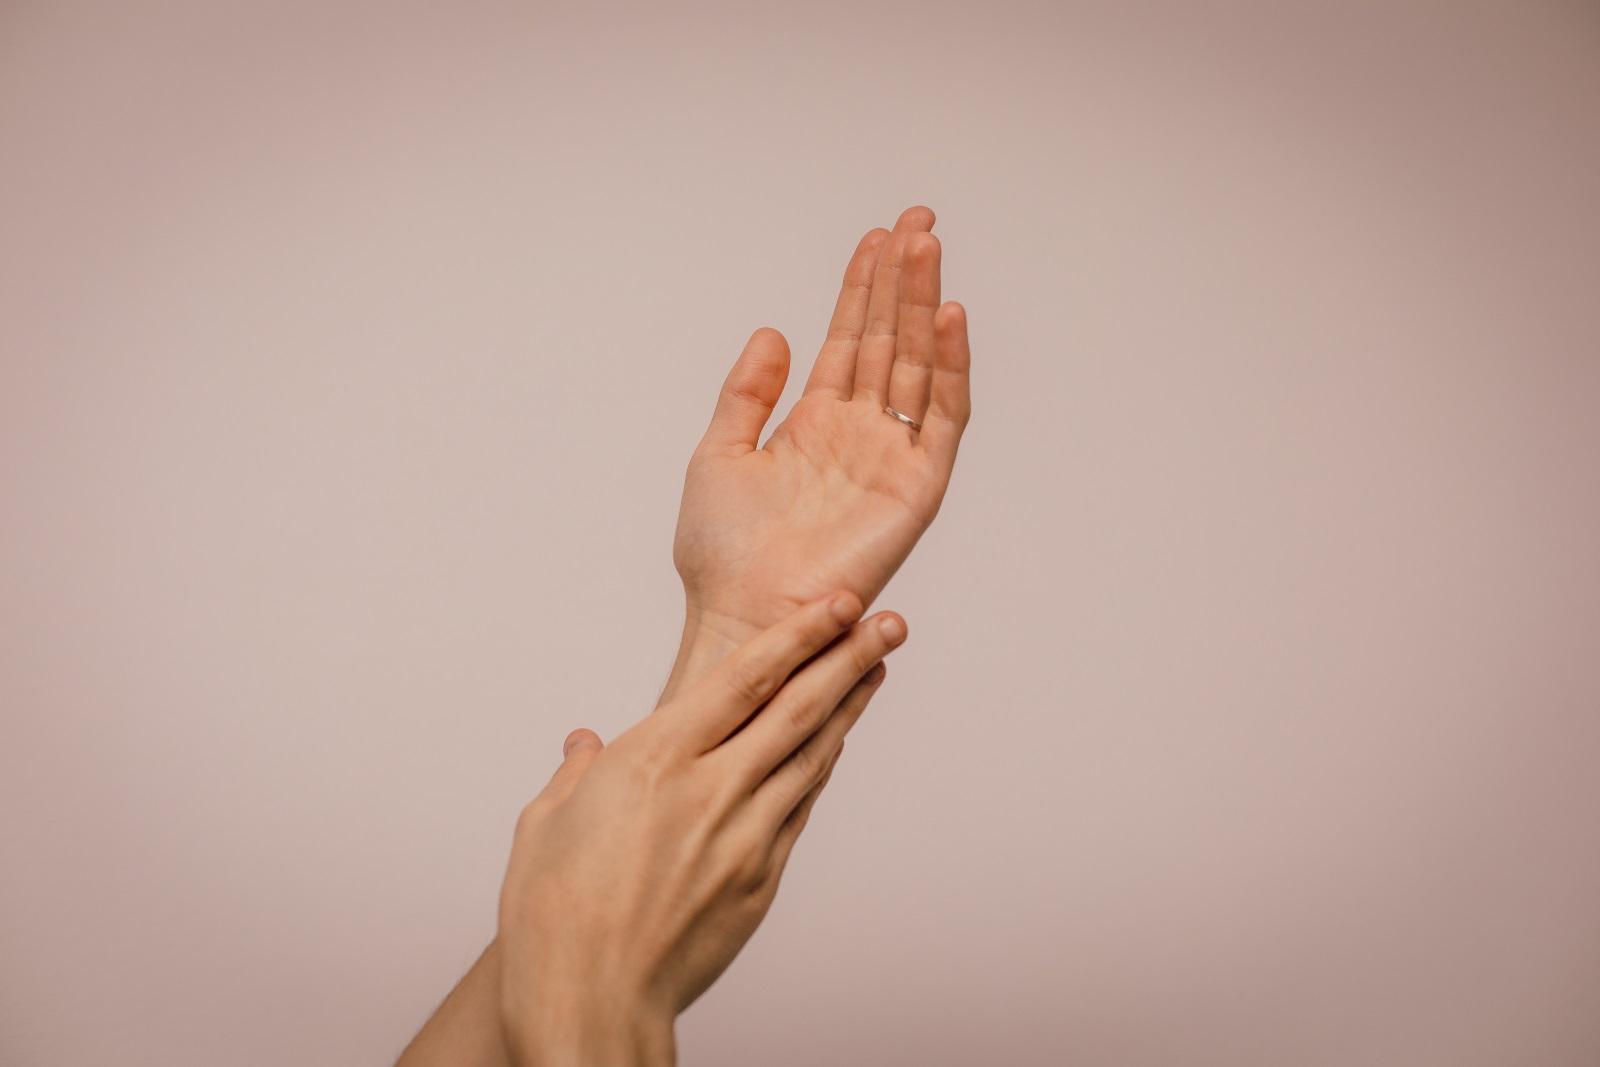 8. Ръцете -Няма спор, че трябва мием ръцете си след тоалетна и изхвърляне на боклука, както и преди хапване и готвене. Но тъй като тялото има нужда да изгради собствен имунитет (особено важно при децата), твърде честото миене на ръцете прави кожата по-податлива на микроби и бактерии. То също изсушава и сбръчква кожата, а тези вдлъбнатини допускат повече микроби в тялото. Затова мийте ръцете си разумно: не използвайте дезинфектант често и недейте да си внушавате, че трябва да ходите до мивкатаслед докосванена всеки предмет.